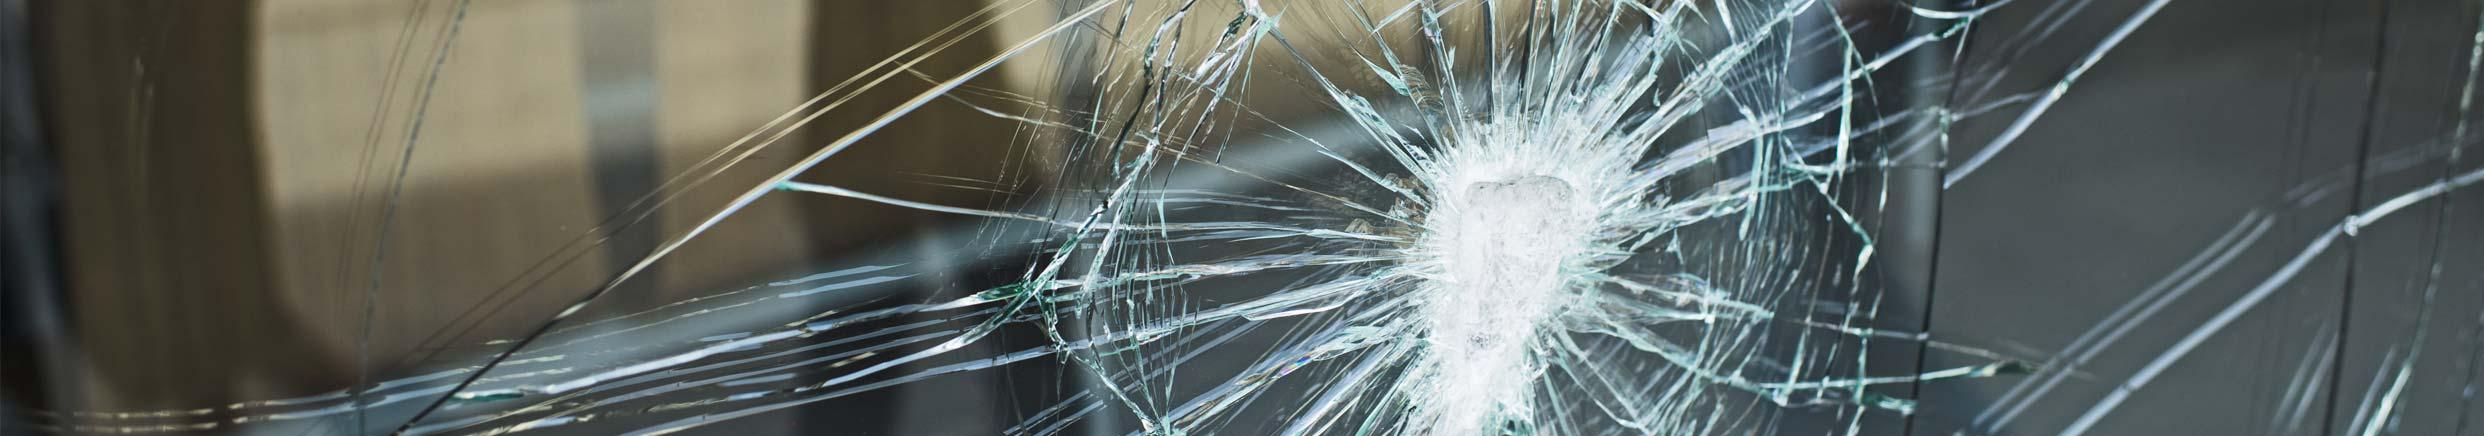 All broken glass reglazed